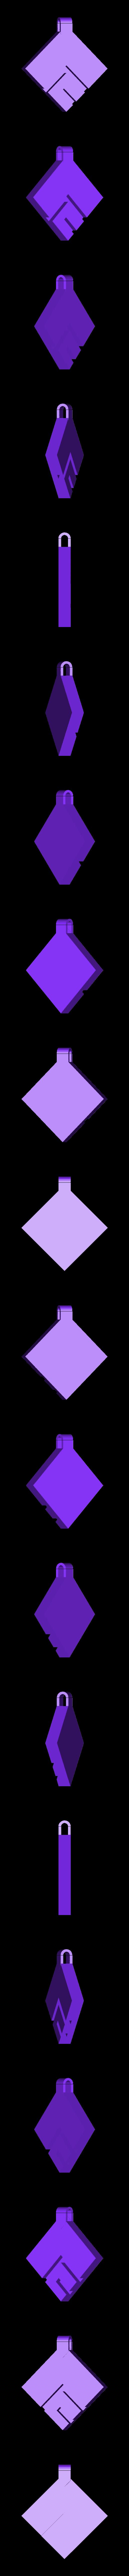 Axis_Necklace.stl Télécharger fichier STL gratuit Konosuba - Ordre de l'Axe & Ordre Eris • Plan imprimable en 3D, sh0rt_stak